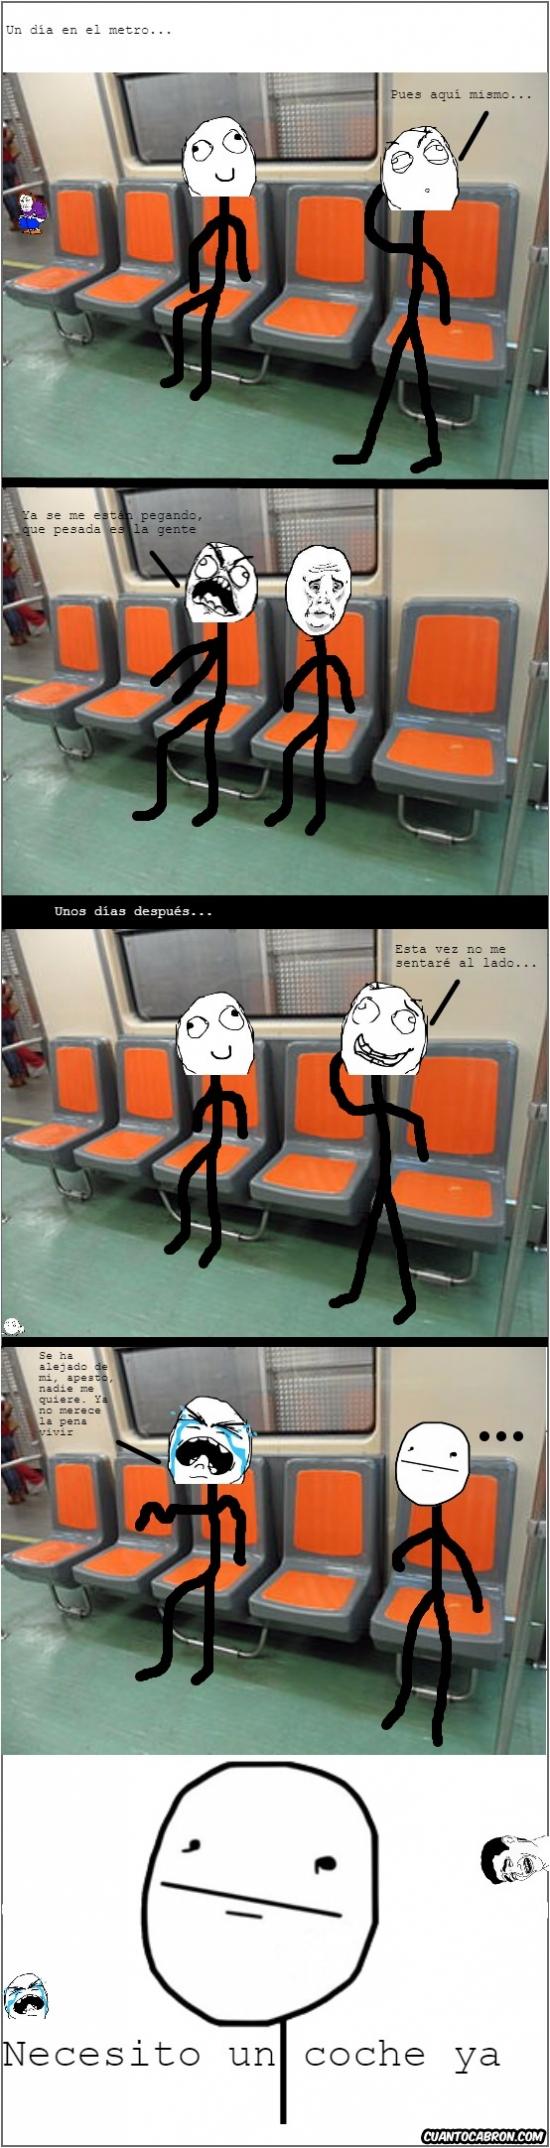 Pokerface - ¿Dónde se debe sentar uno cuando se sube al tren?